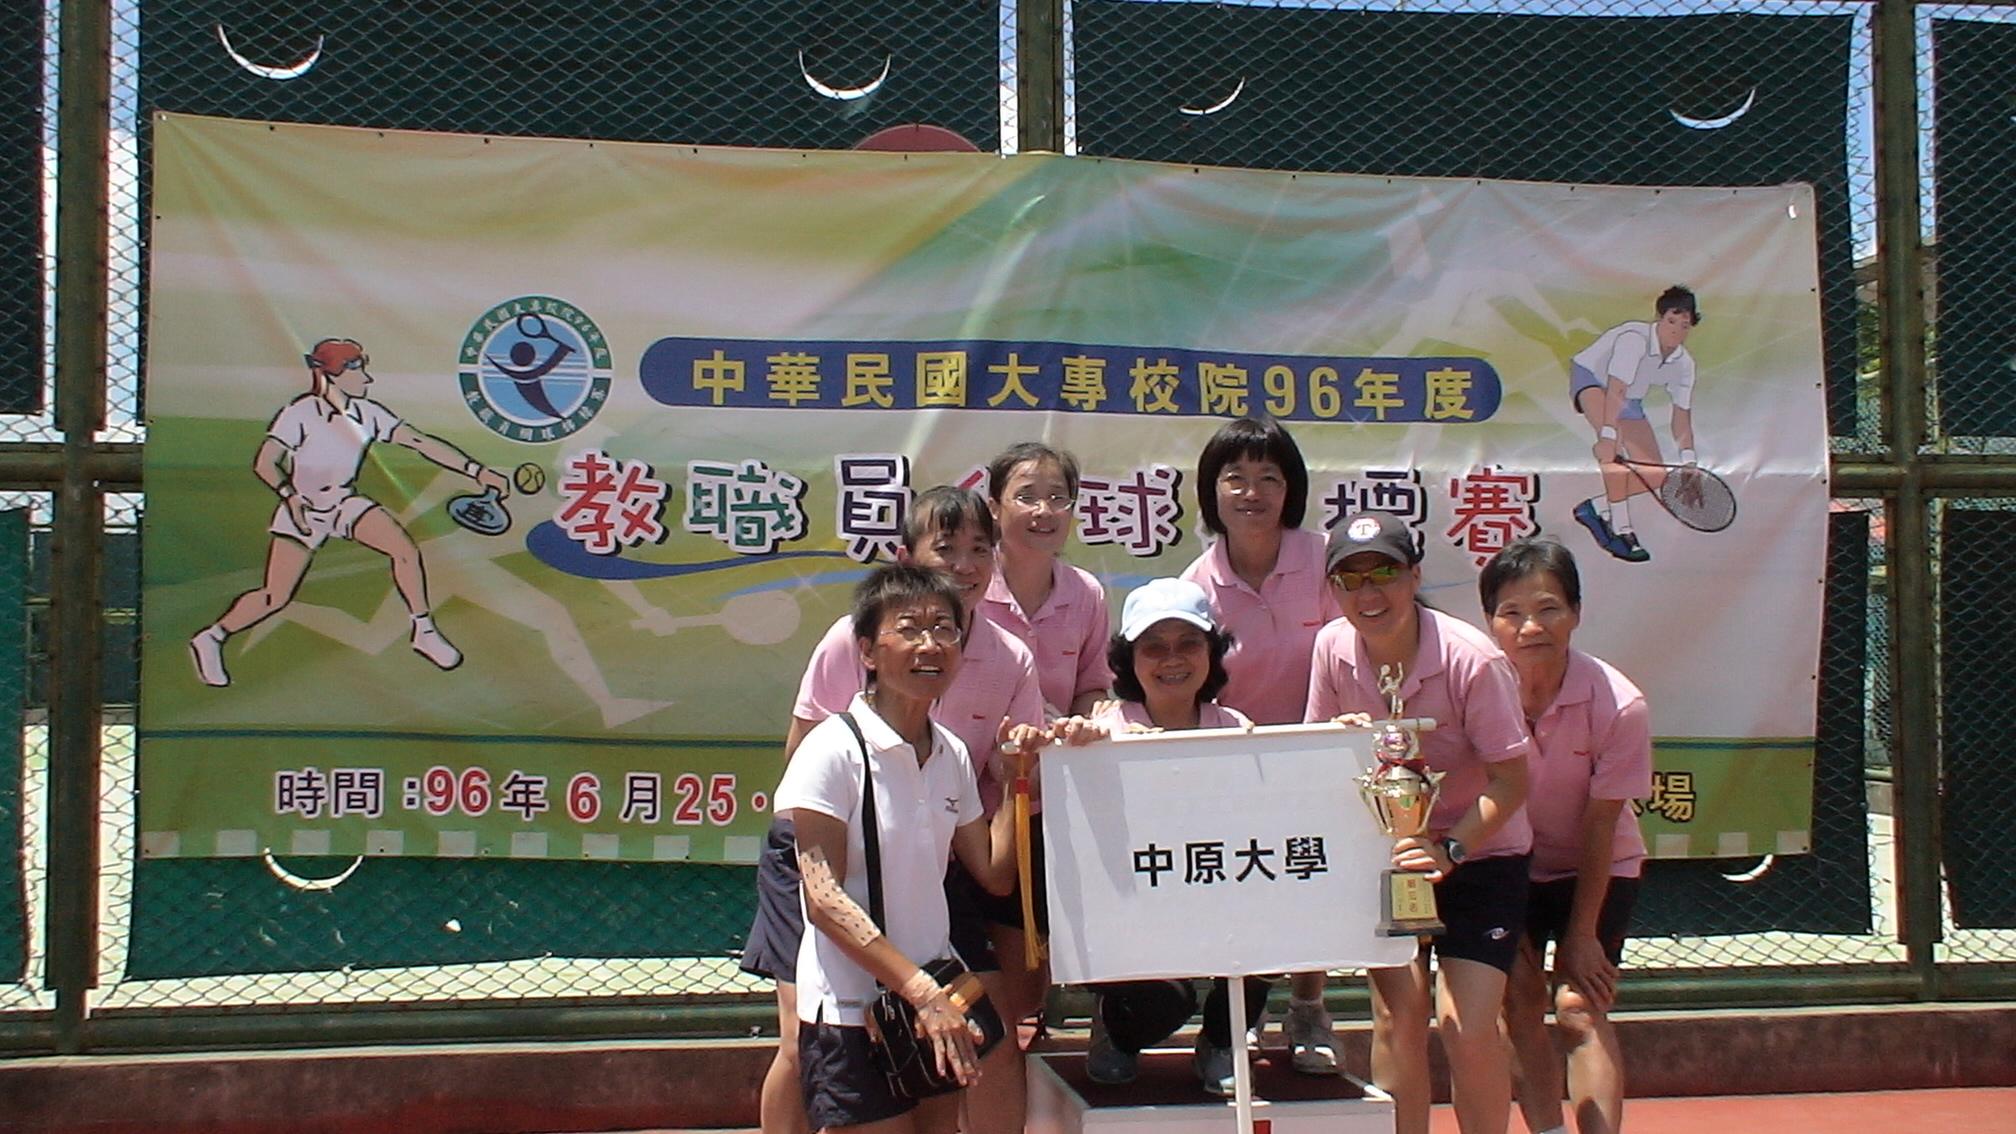 全國大專教職員工網球錦標賽 中原表現優異